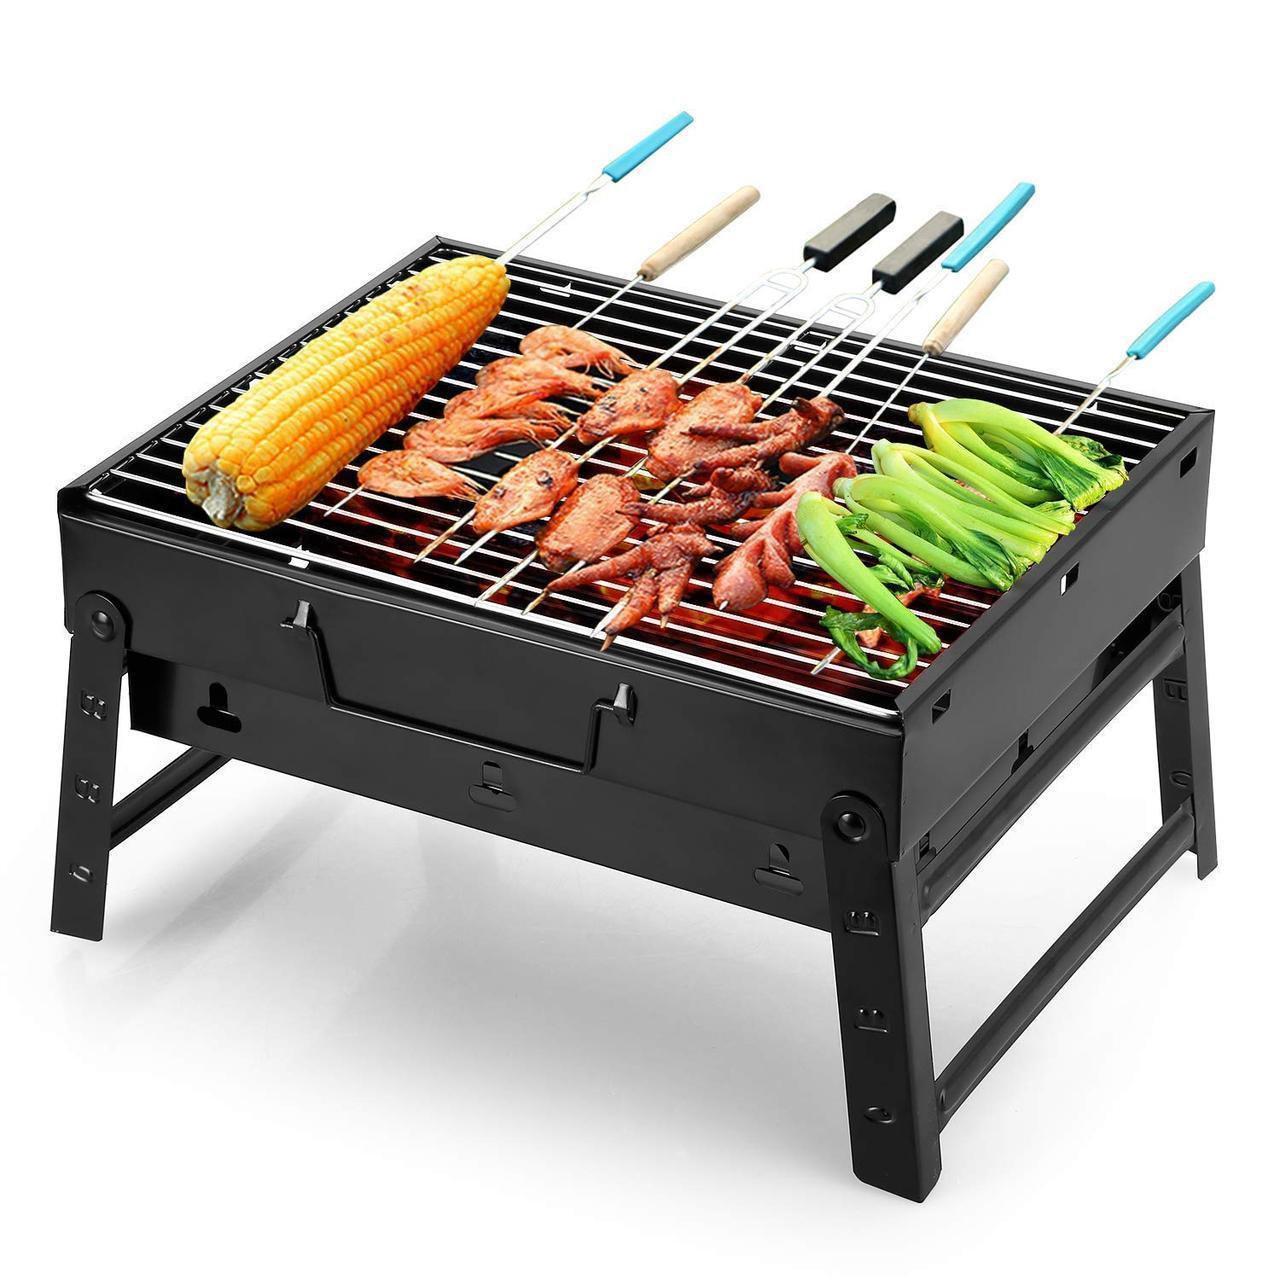 Складной переносной барбекю гриль BBQ Grill Portable A183